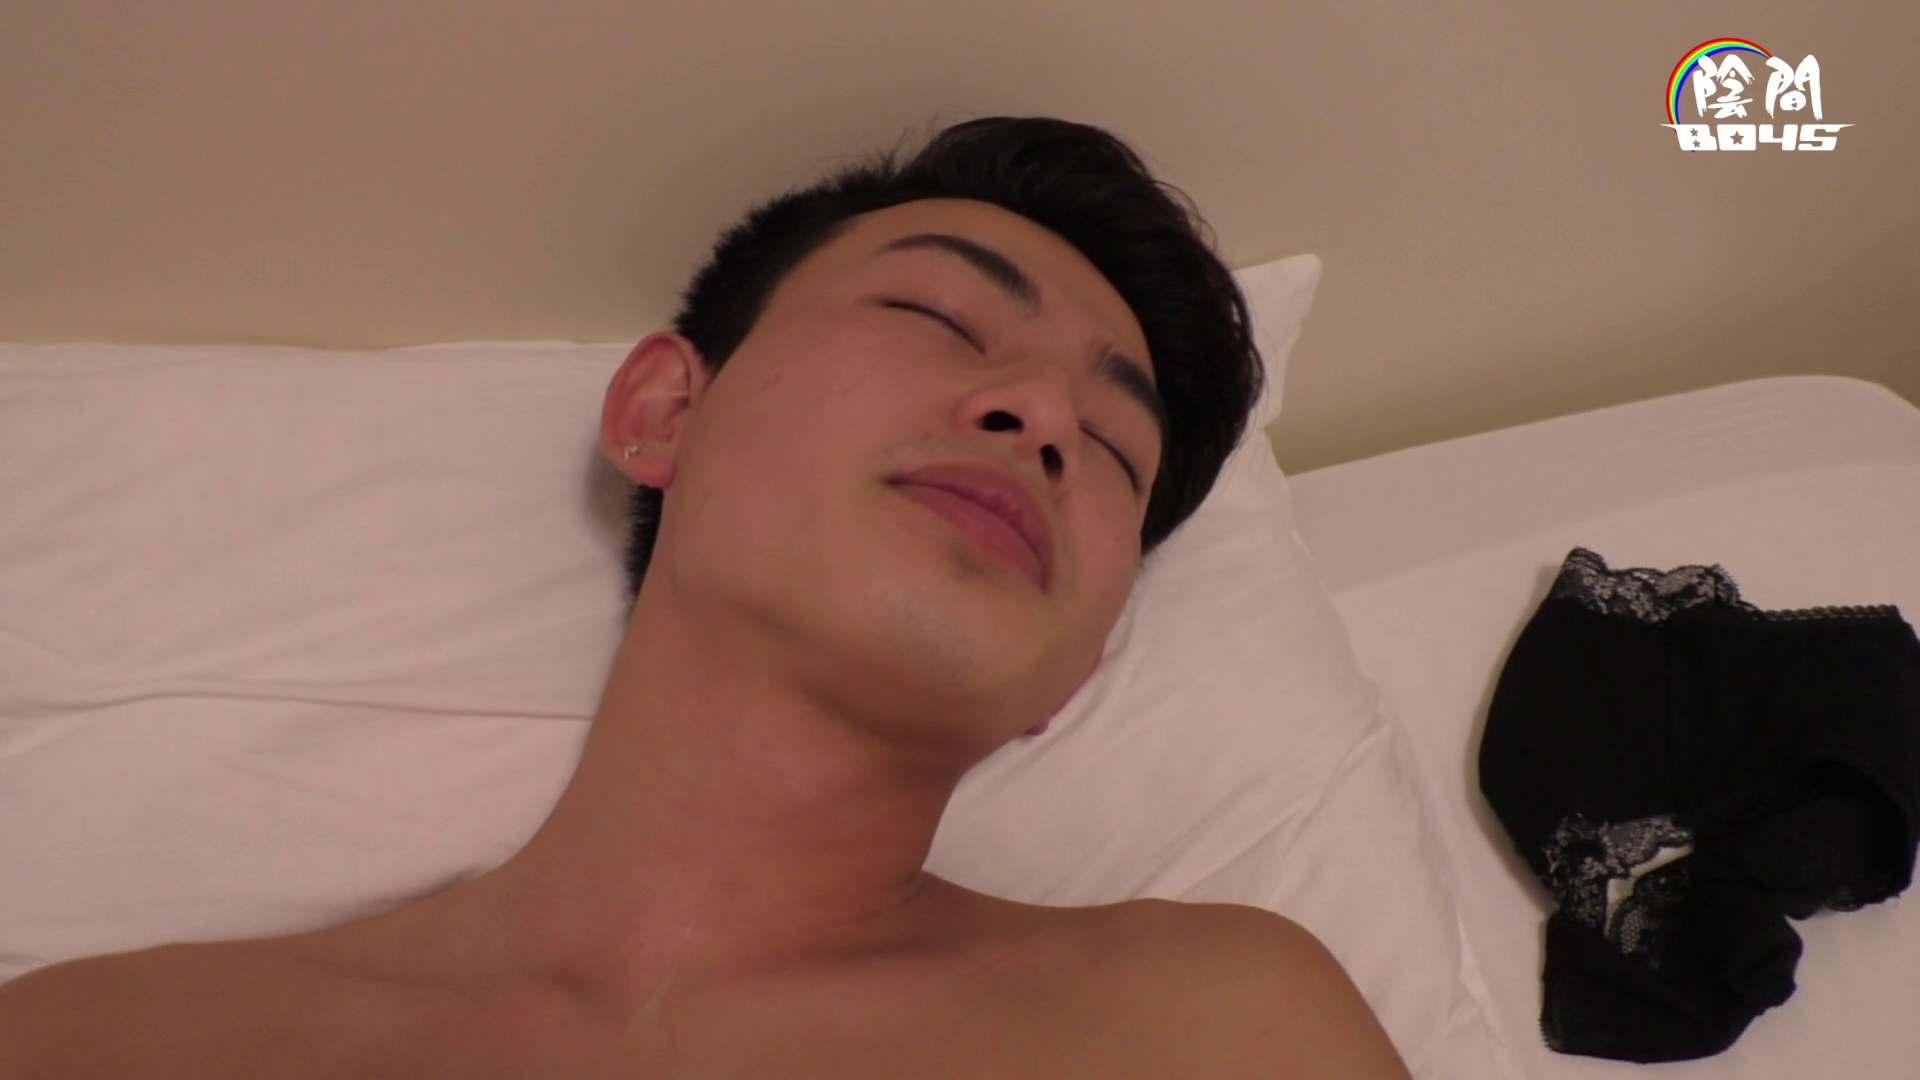 「君のアナルは」part2 ~ノンケの素顔~ Vol.09 ハミ肉 男同士動画 100pic 87